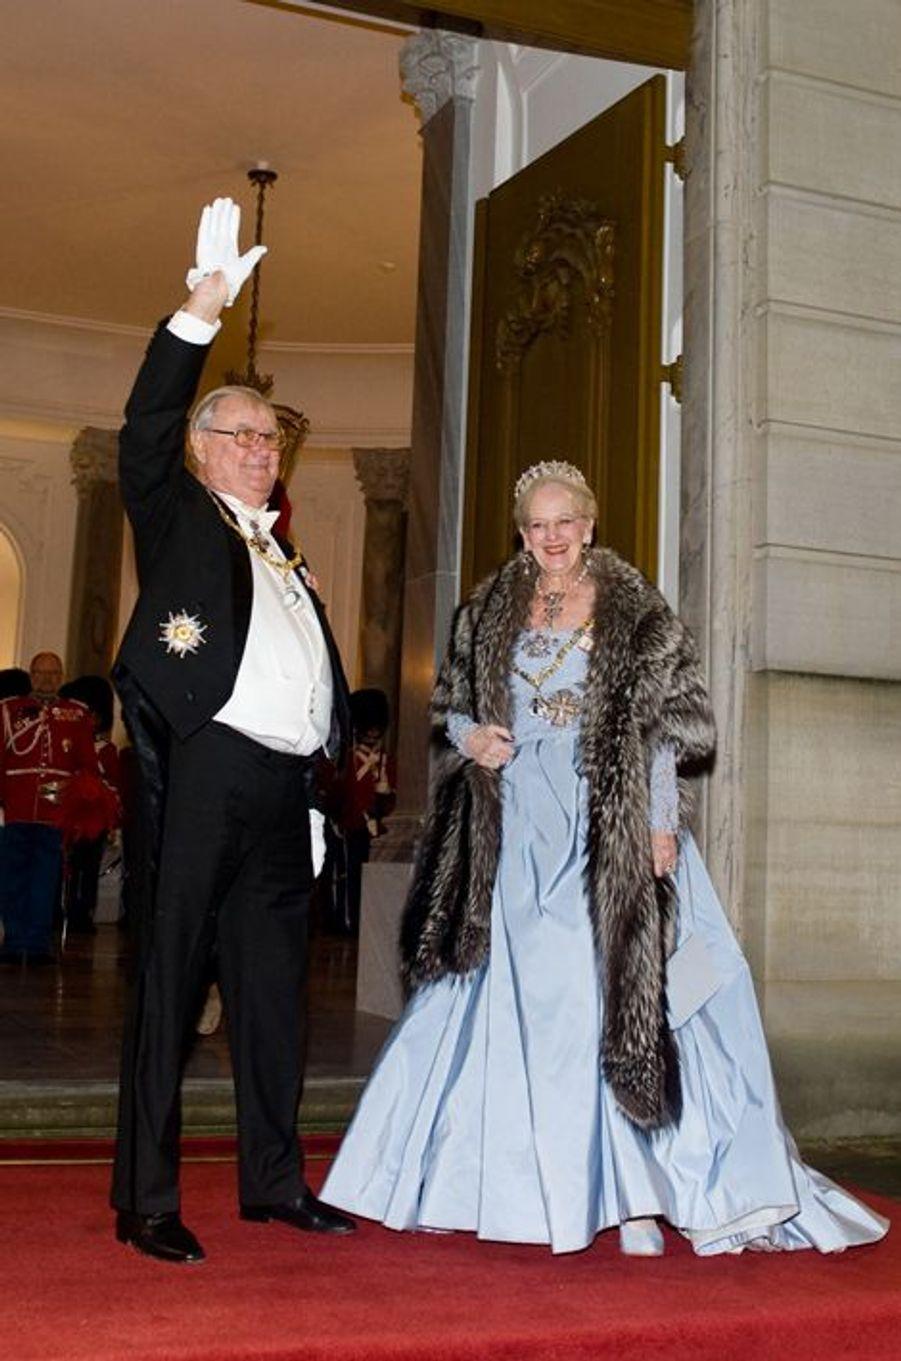 Le prince Henrik, époux de la reine Margrethe II de Danemark a pris sa retraite à 81 ans. Il ne participera donc plus à divers événements et cérémonies officielles. La nouvelle a été annoncée ce vendredi 1er janvier. Chaque dimanche, le Royal Blog de Paris Match vous propose de voir ou revoir les plus belles photographies de la semaine royale.